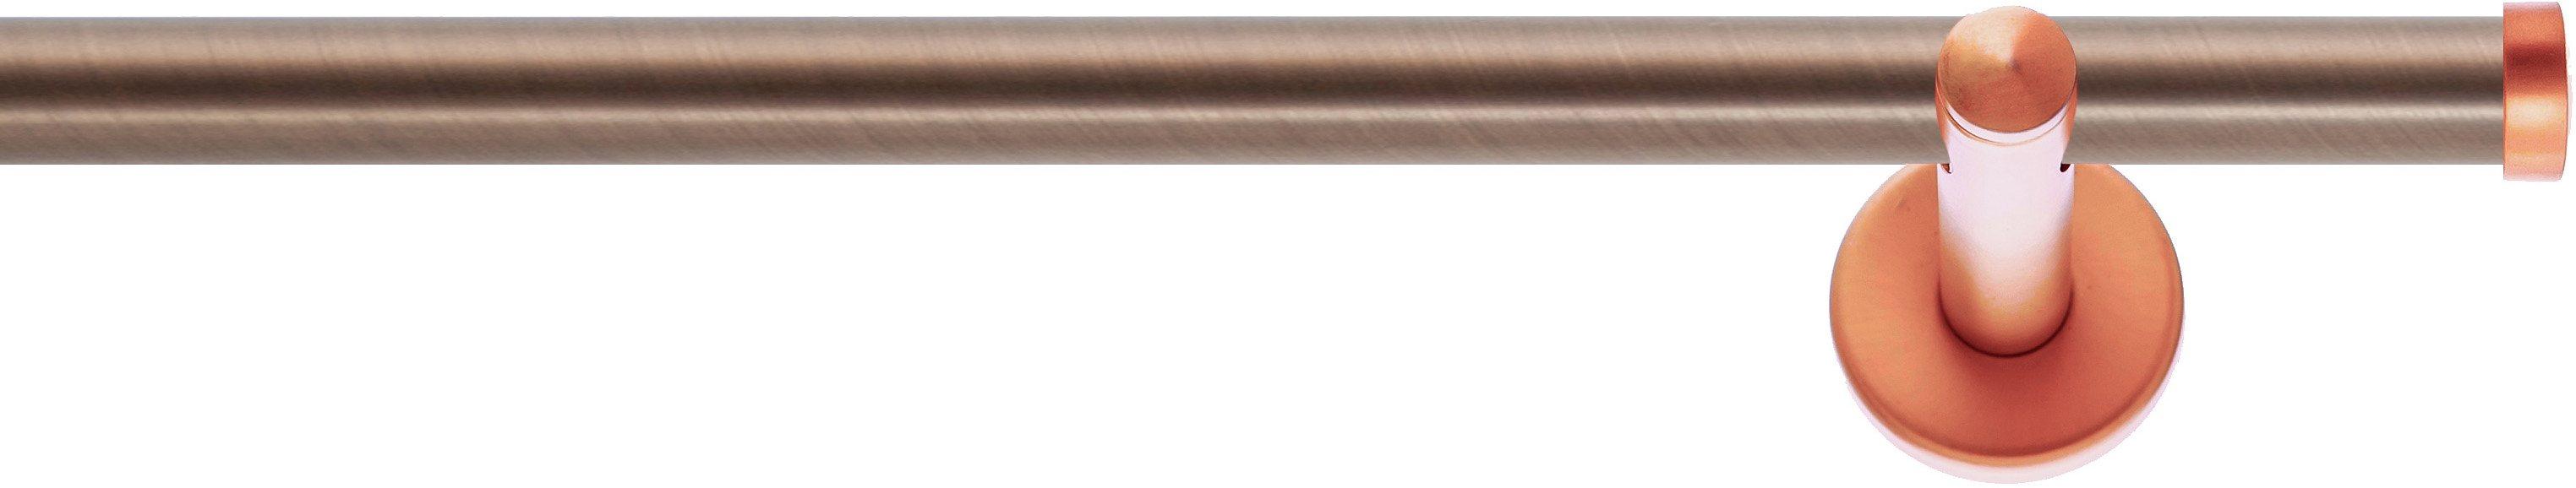 Gardinenstange, Indeko, »Industrie-Look Seattle«, 1-läufig nach Maß ø 20 mm | Heimtextilien > Gardinen und Vorhänge > Gardinenstangen | indeko